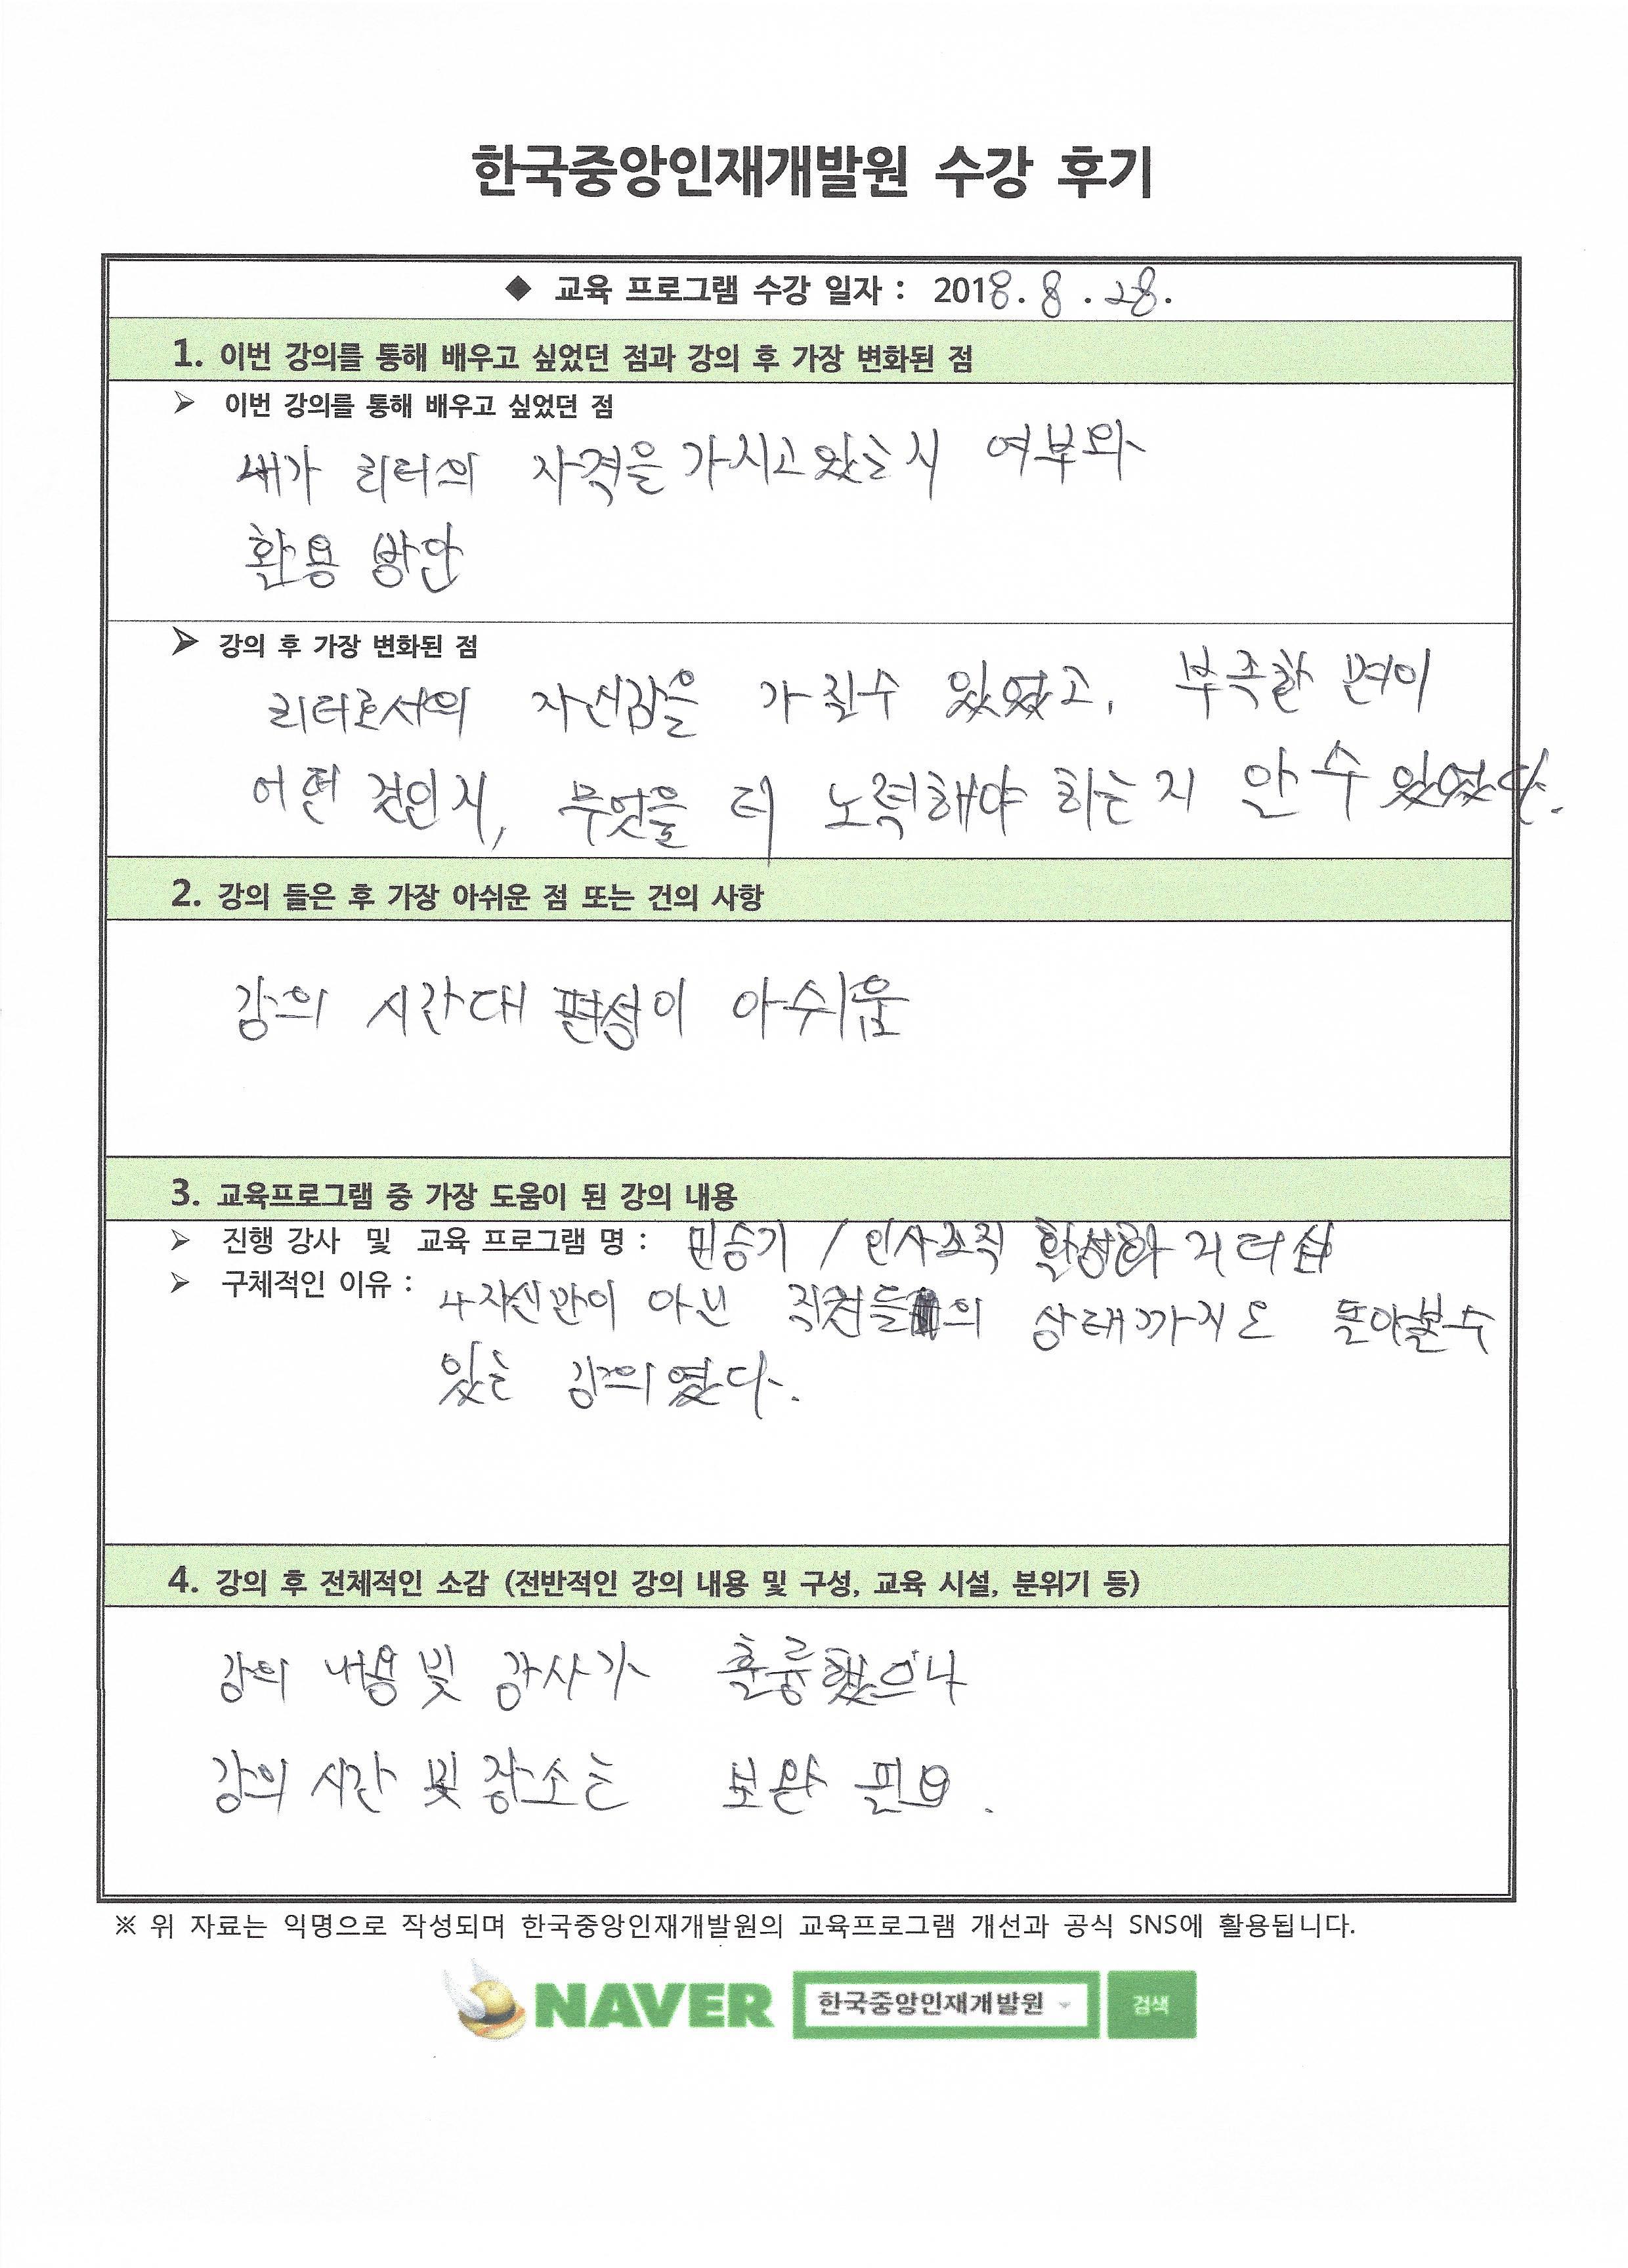 제이씨현 후기-8 사본.jpg